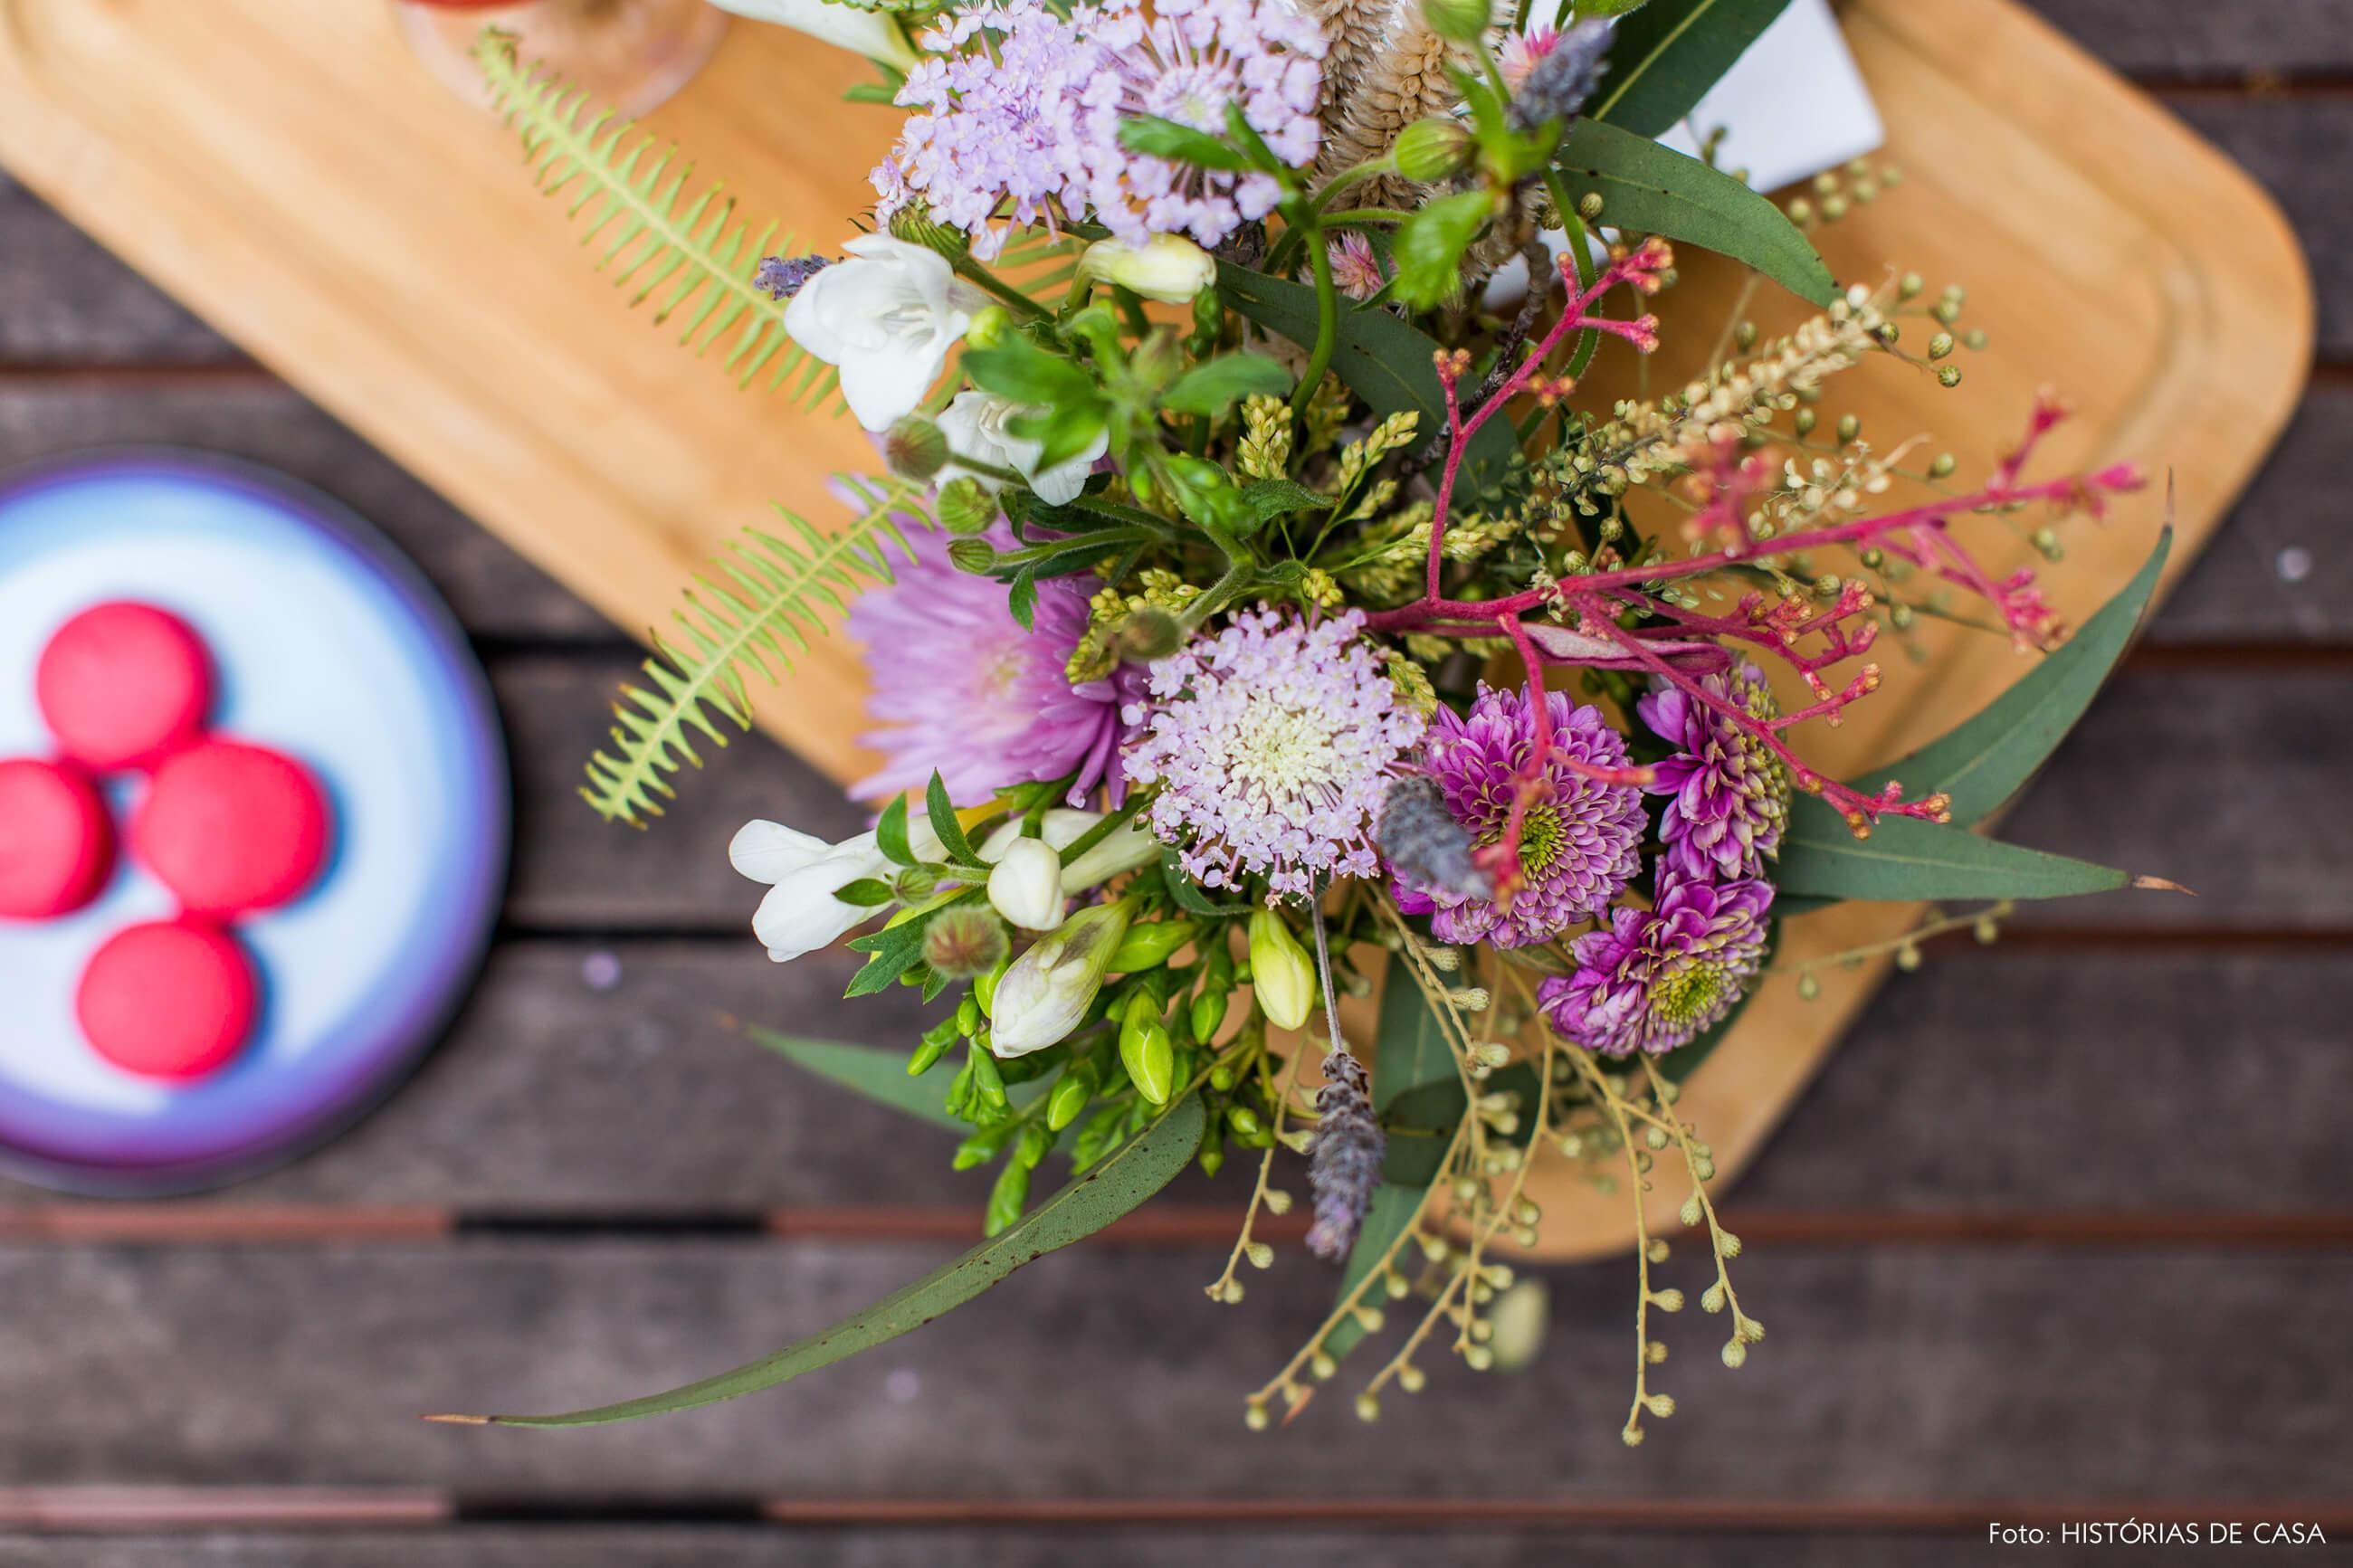 Arranjo de flores do FLO Atelier Botanico